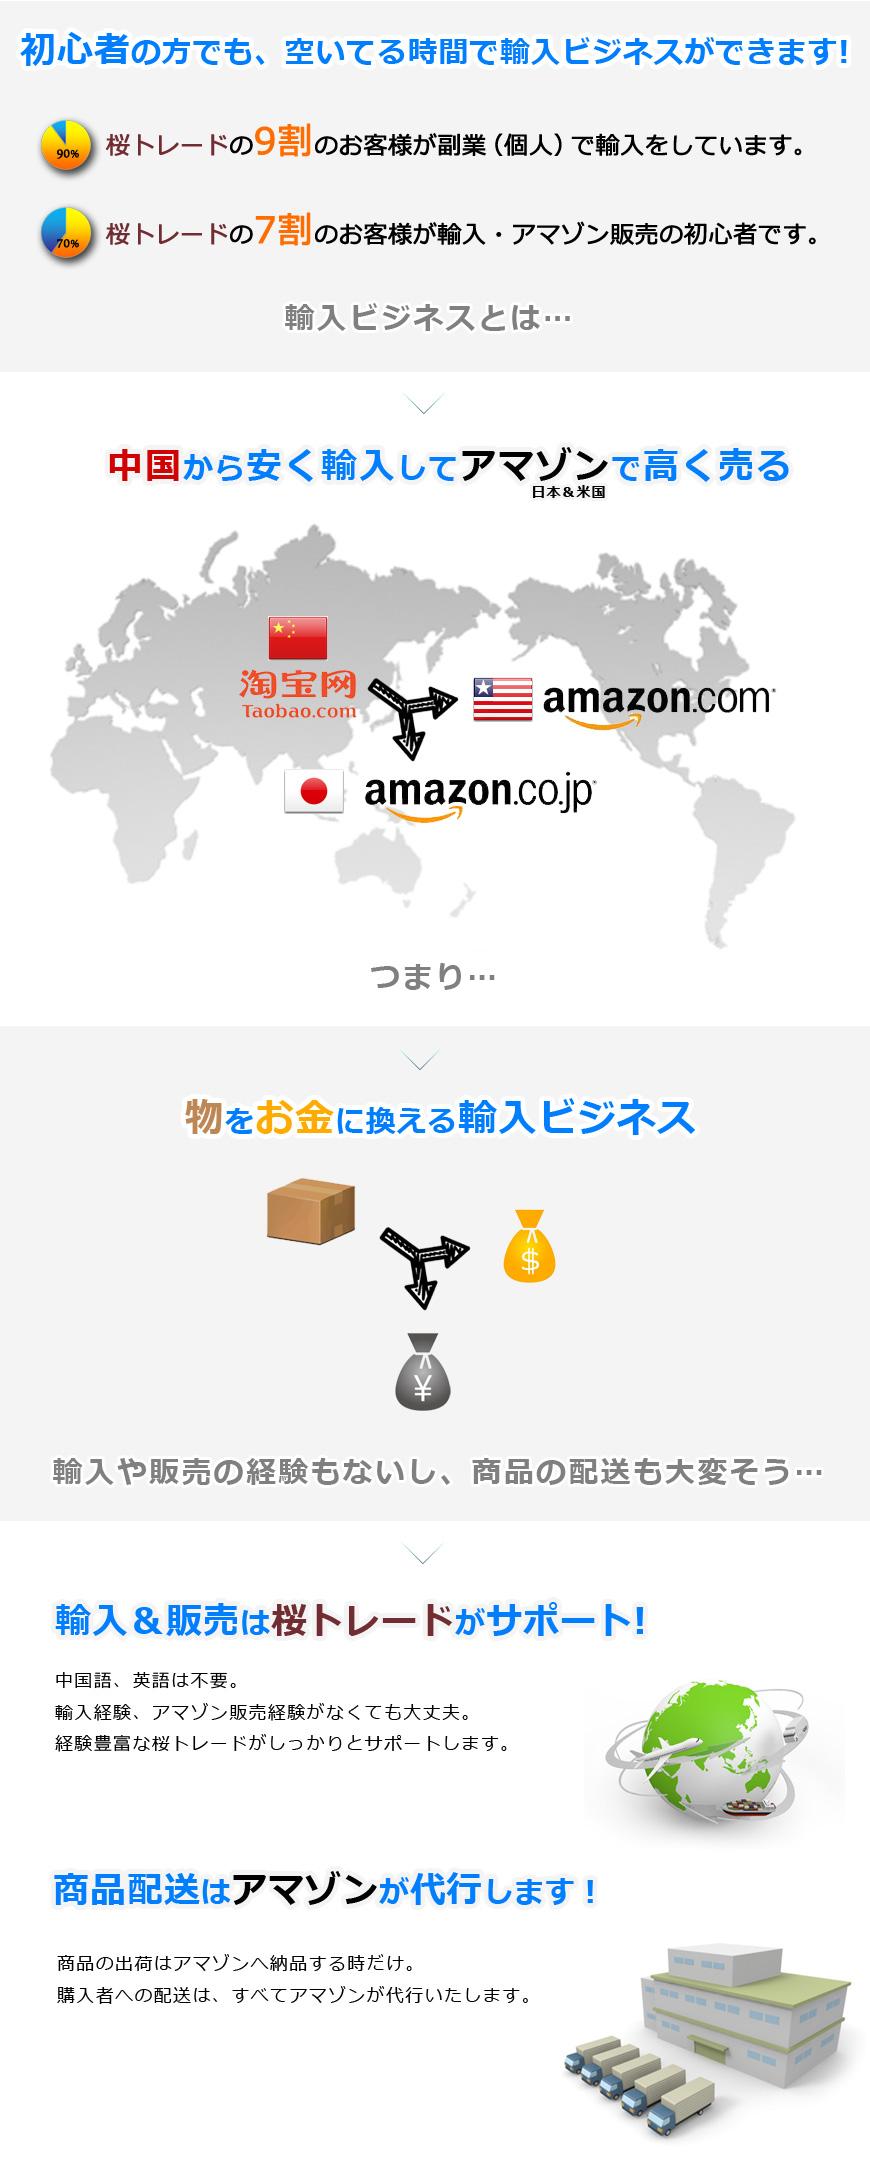 中国から安く輸入してアマゾンで高く売る